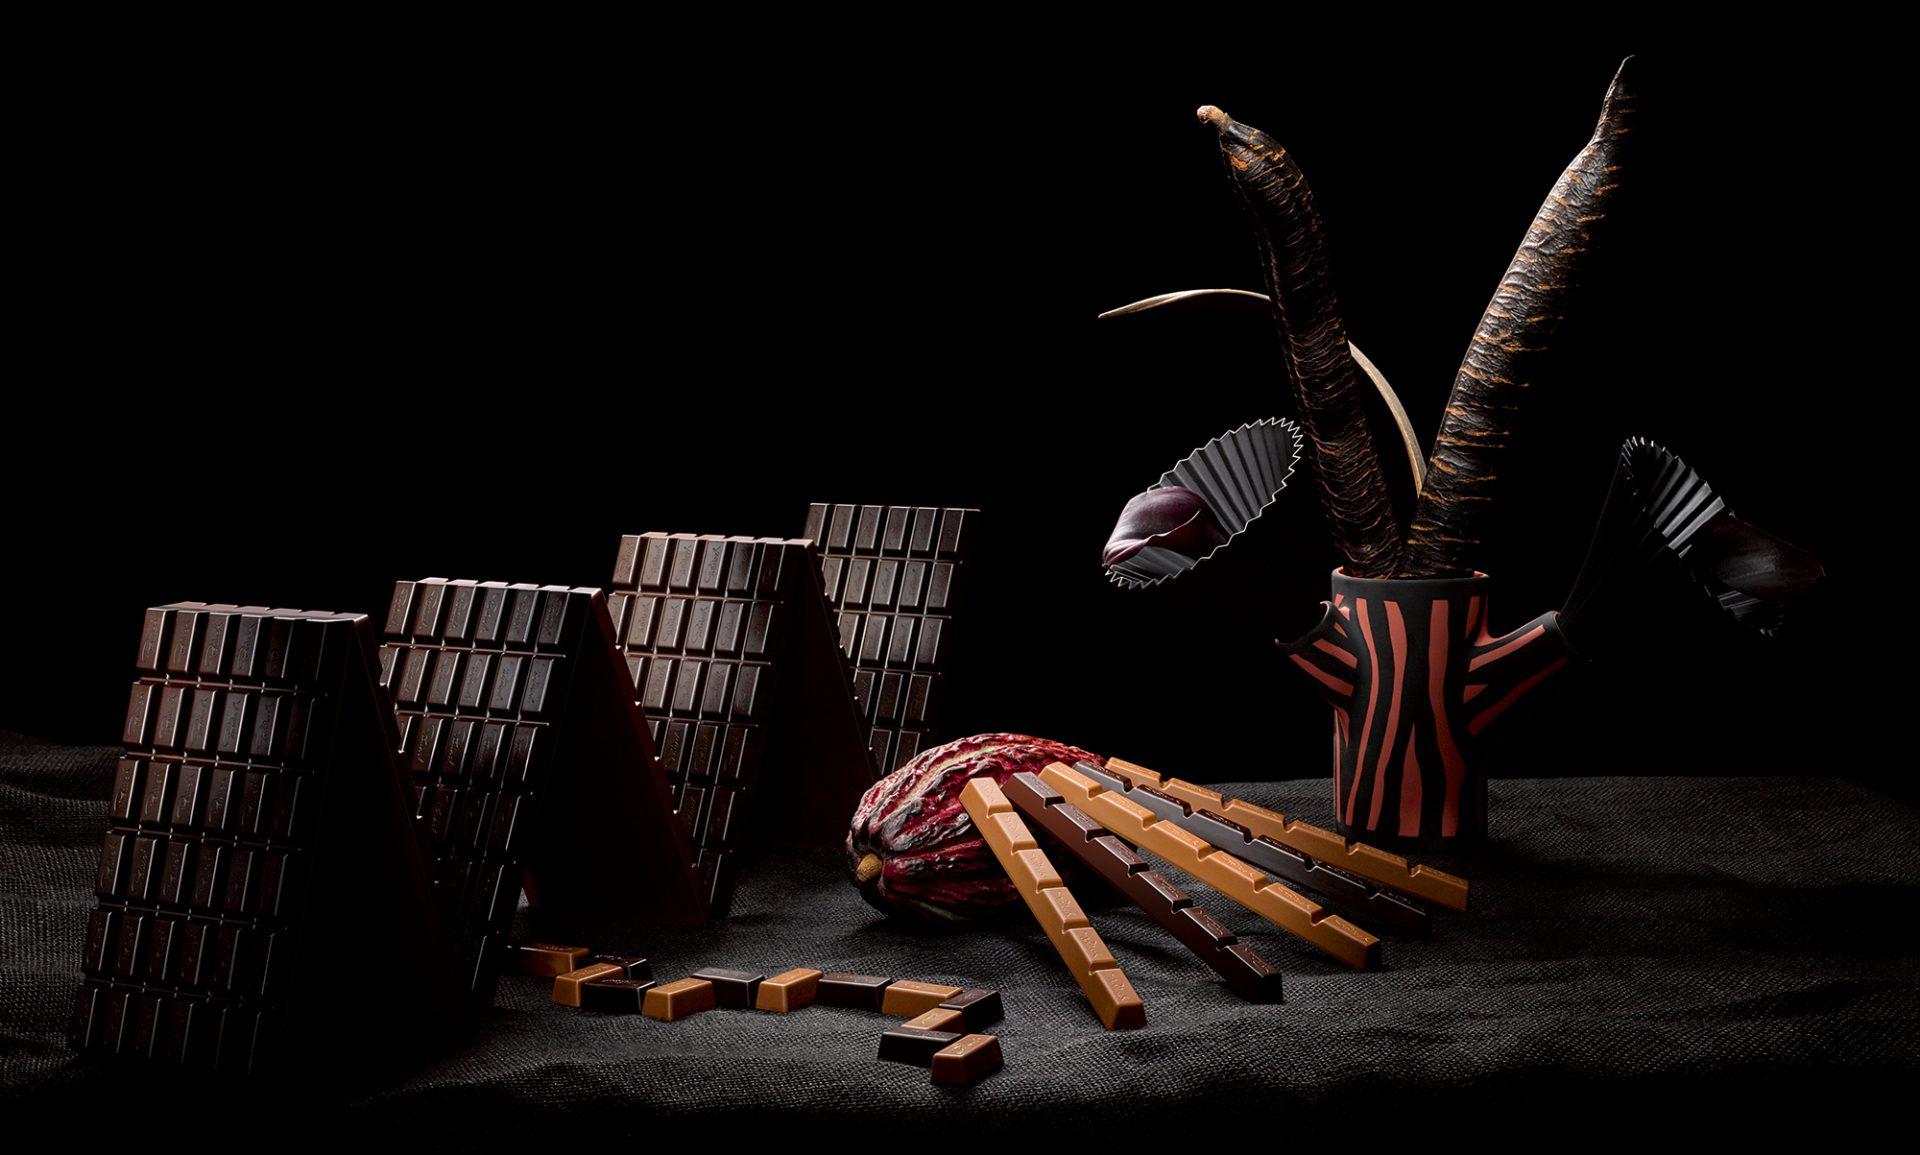 Aufwändige Fotokompositionen im Stil alter Meister kombiniert mit frischen klaren Farben zeigen die Schokoladen auf neue Weise und vermitteln das entspannte Verhältnis des Unternehmens zur eigenen Tradition. Fotos von Fotograf Attila Hartwig